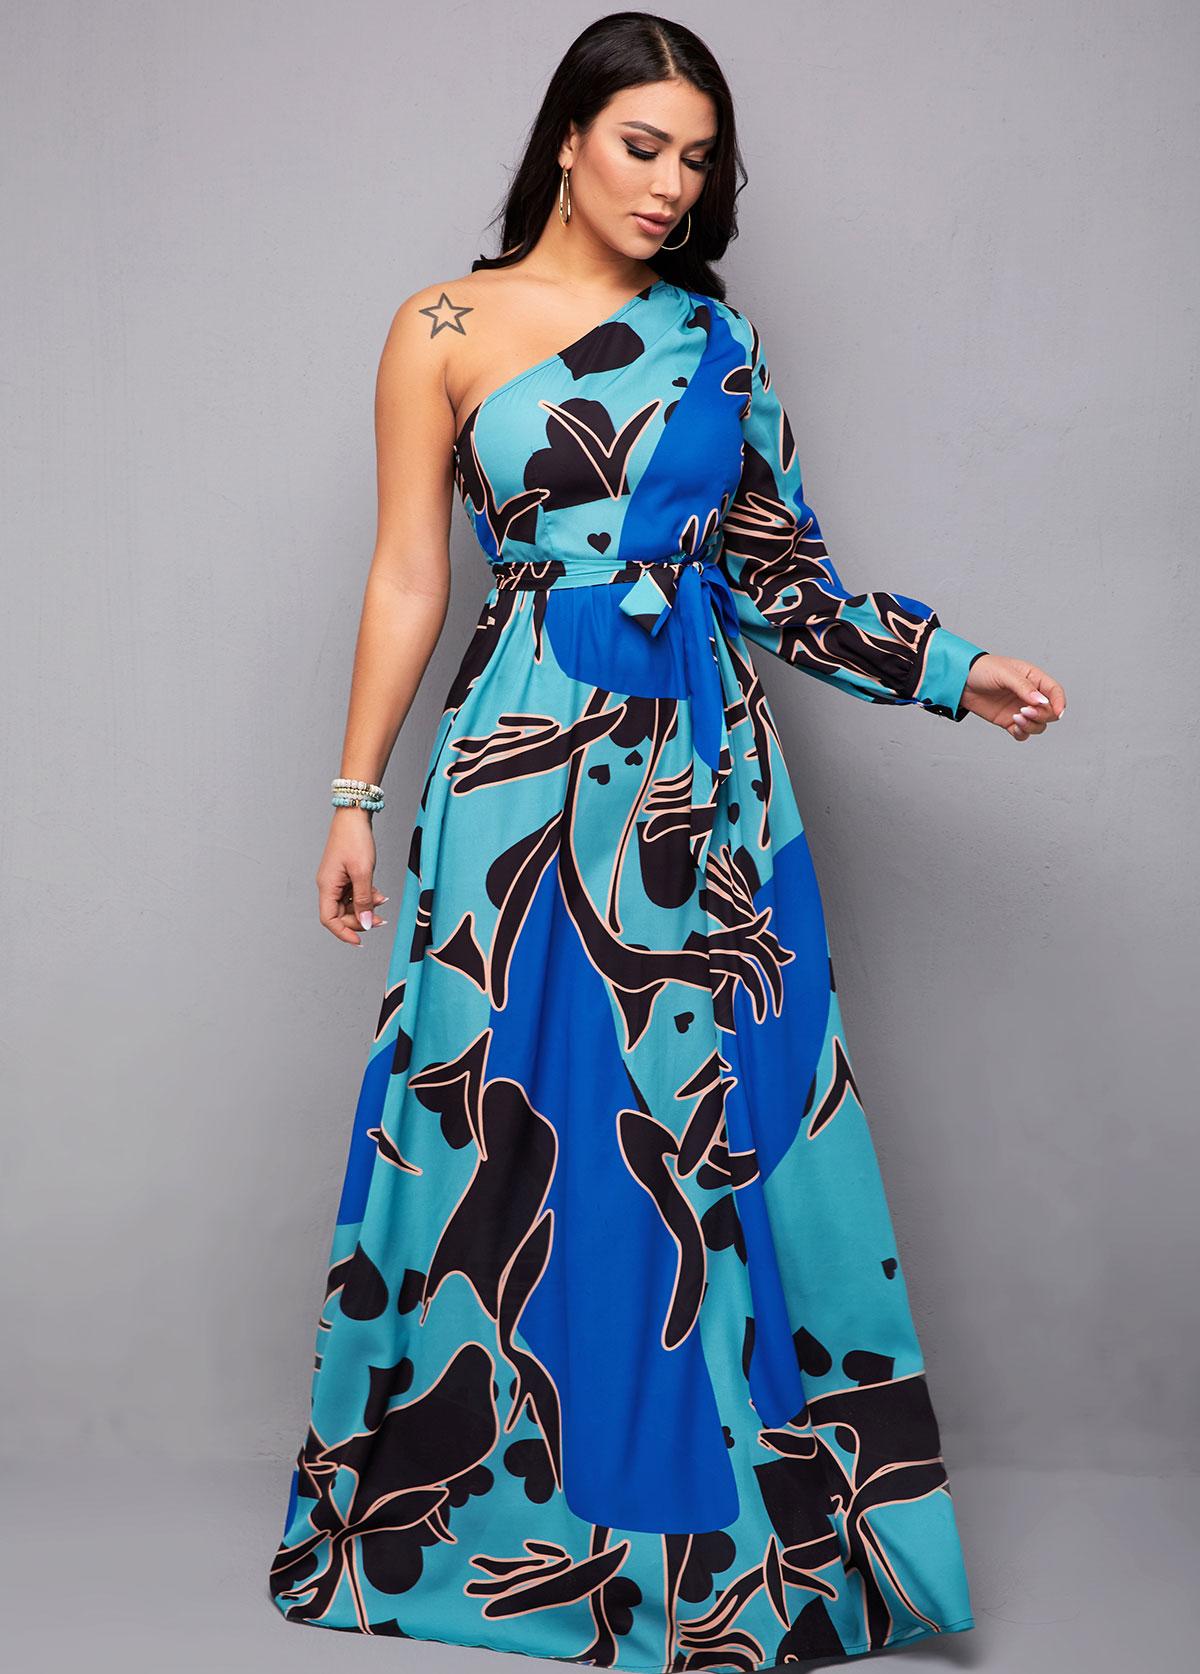 Belted Skew Neck One Shoulder Blue Maxi Dress